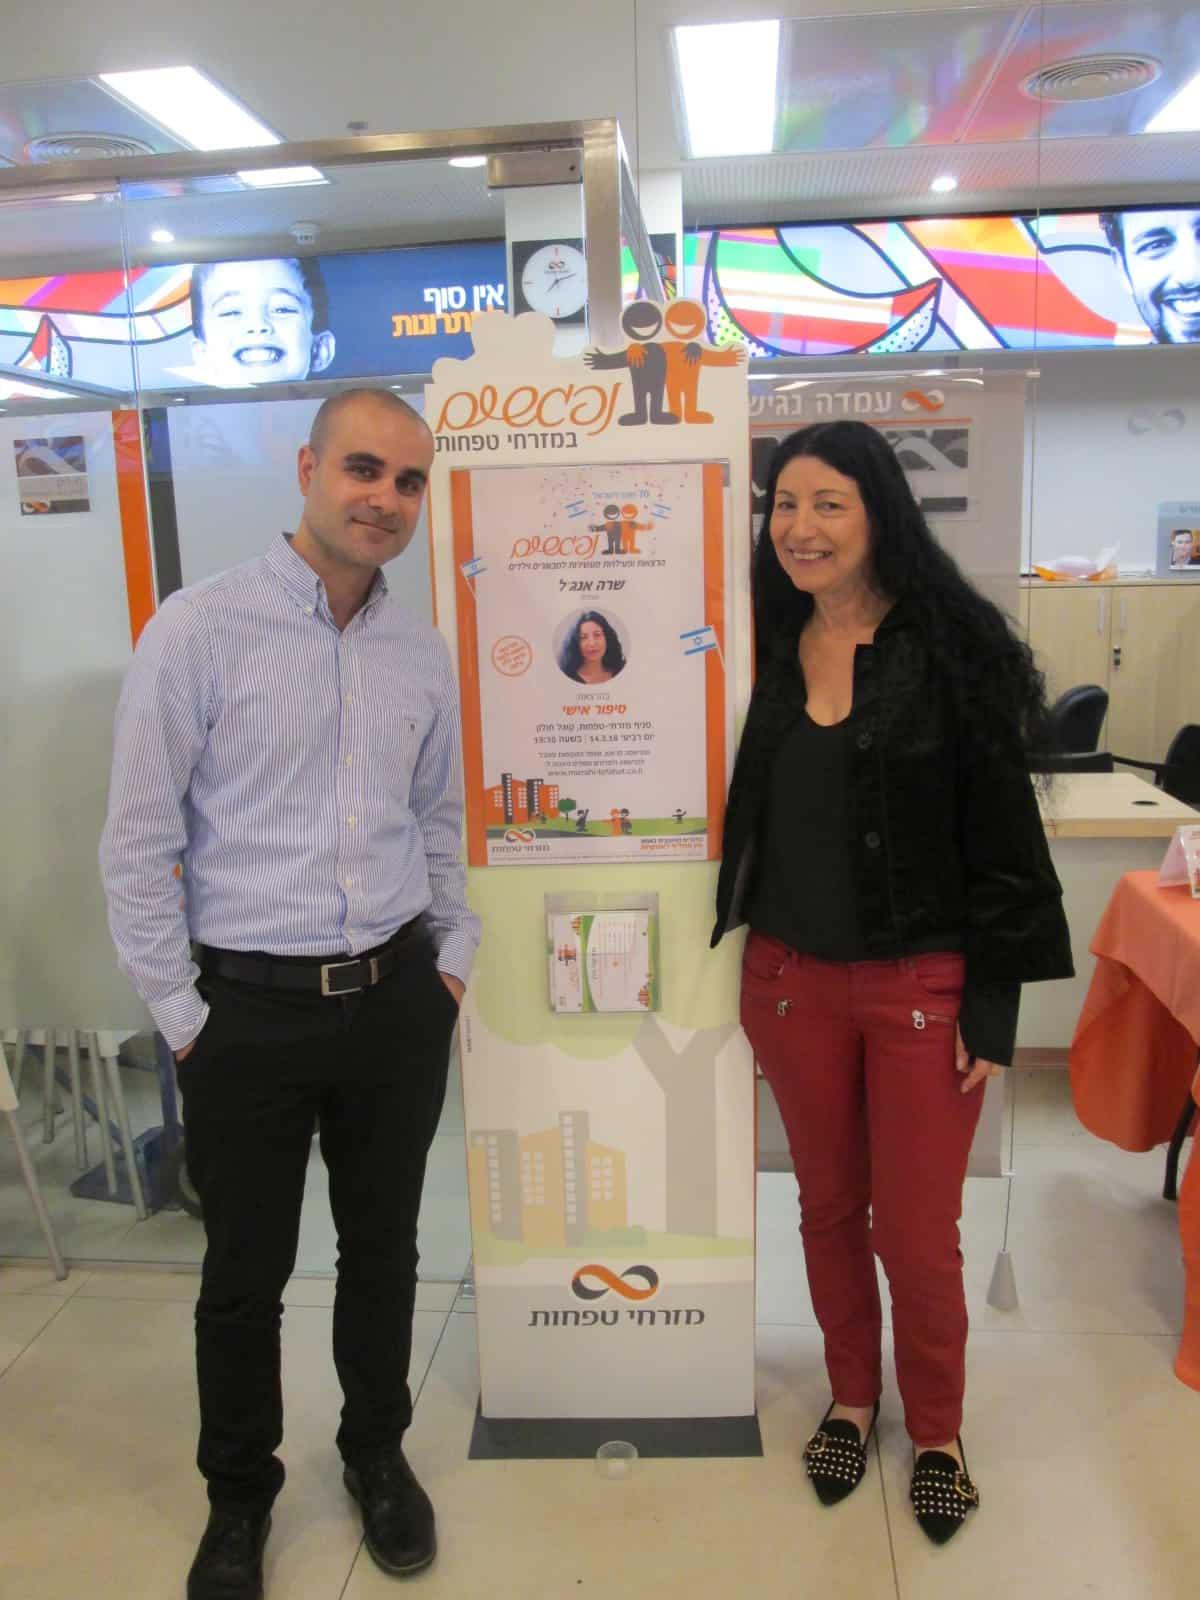 שרה אנגל + אסף כהן מנהל תחום משכנתאות